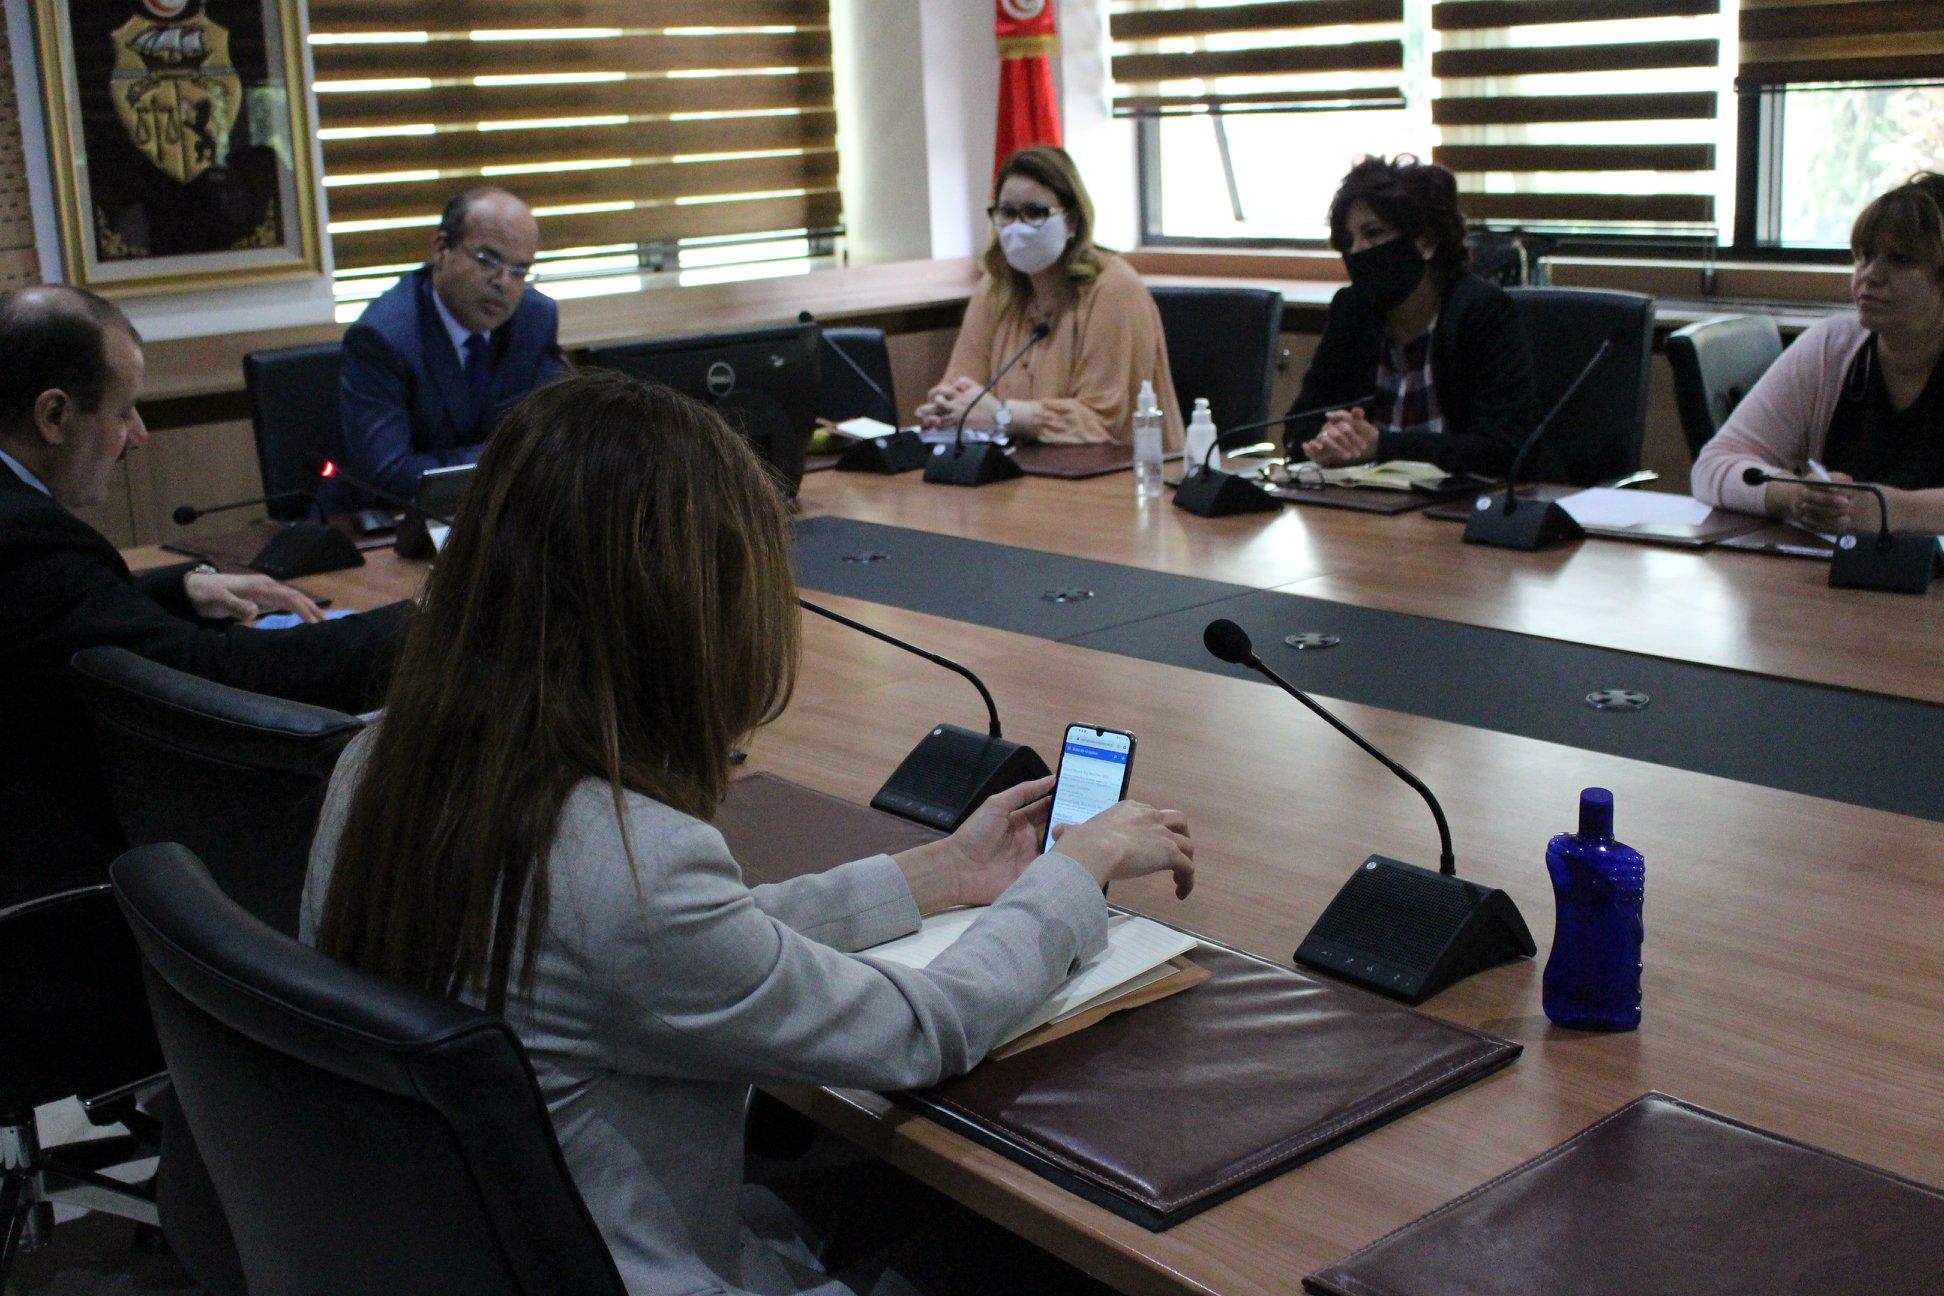 جلسة عمل تشاورية مع جمعية القضاة التونسيين